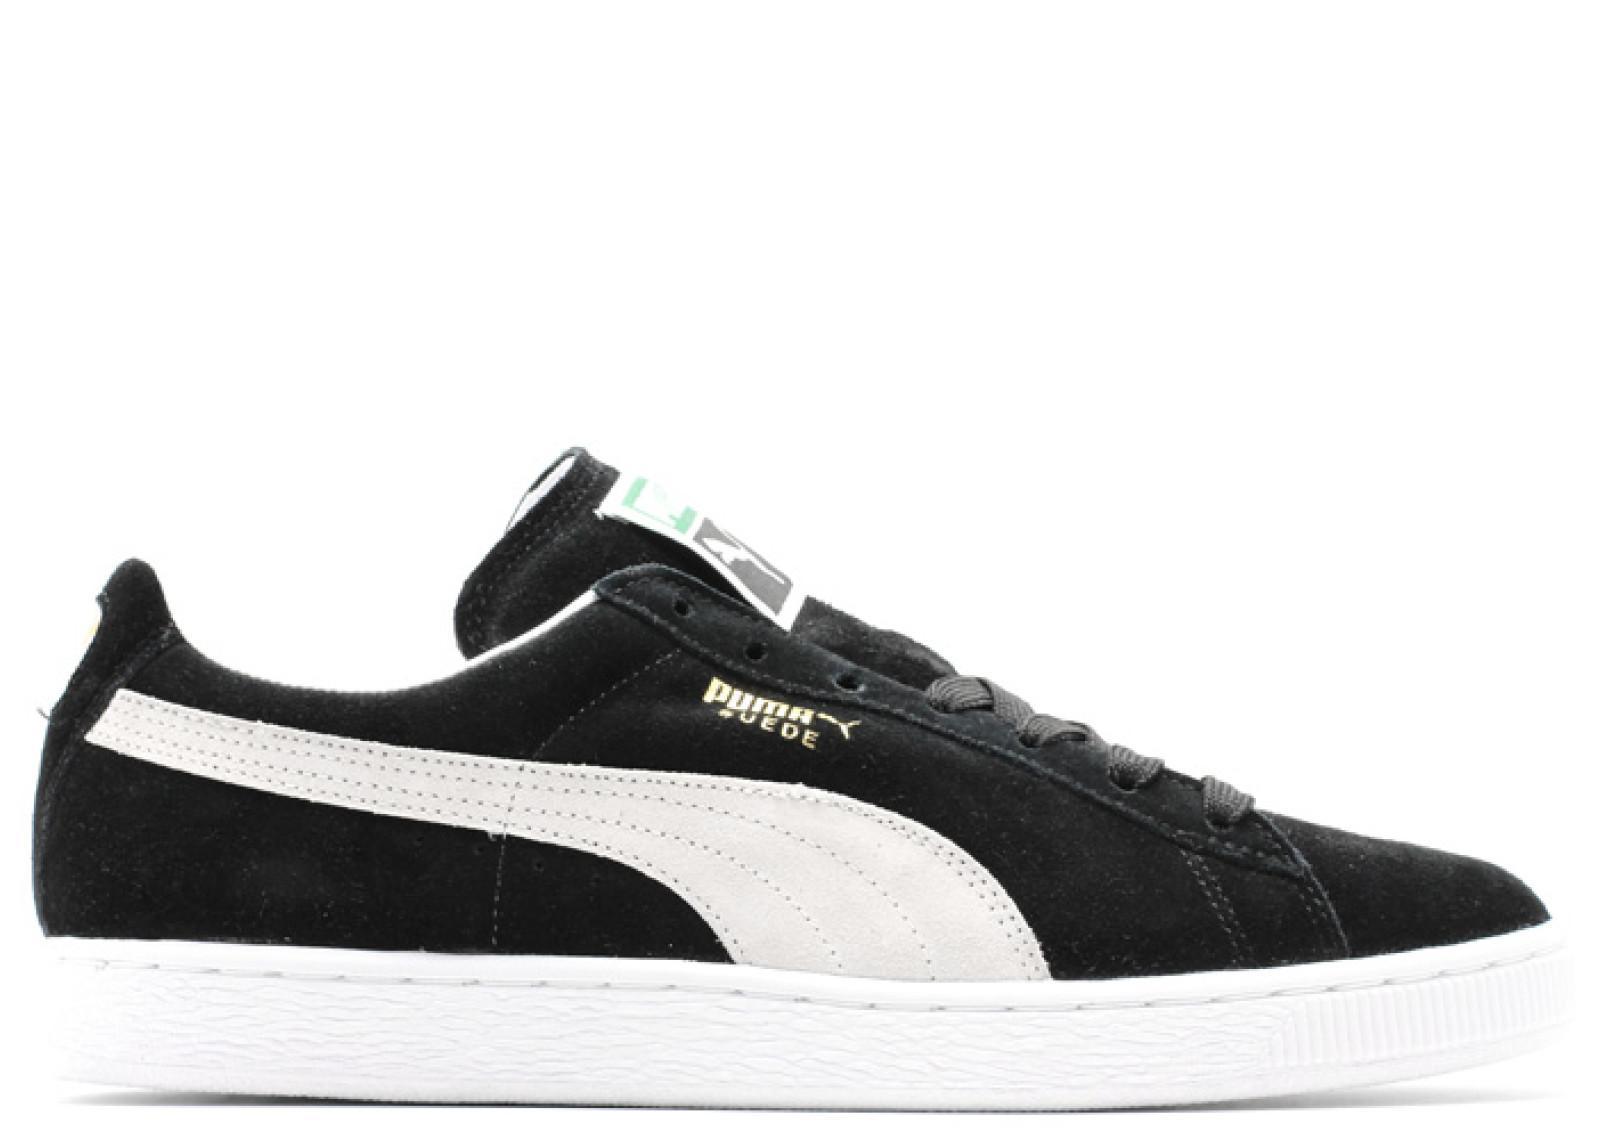 Jual Produk Puma Terbaru | Lazada.co.id